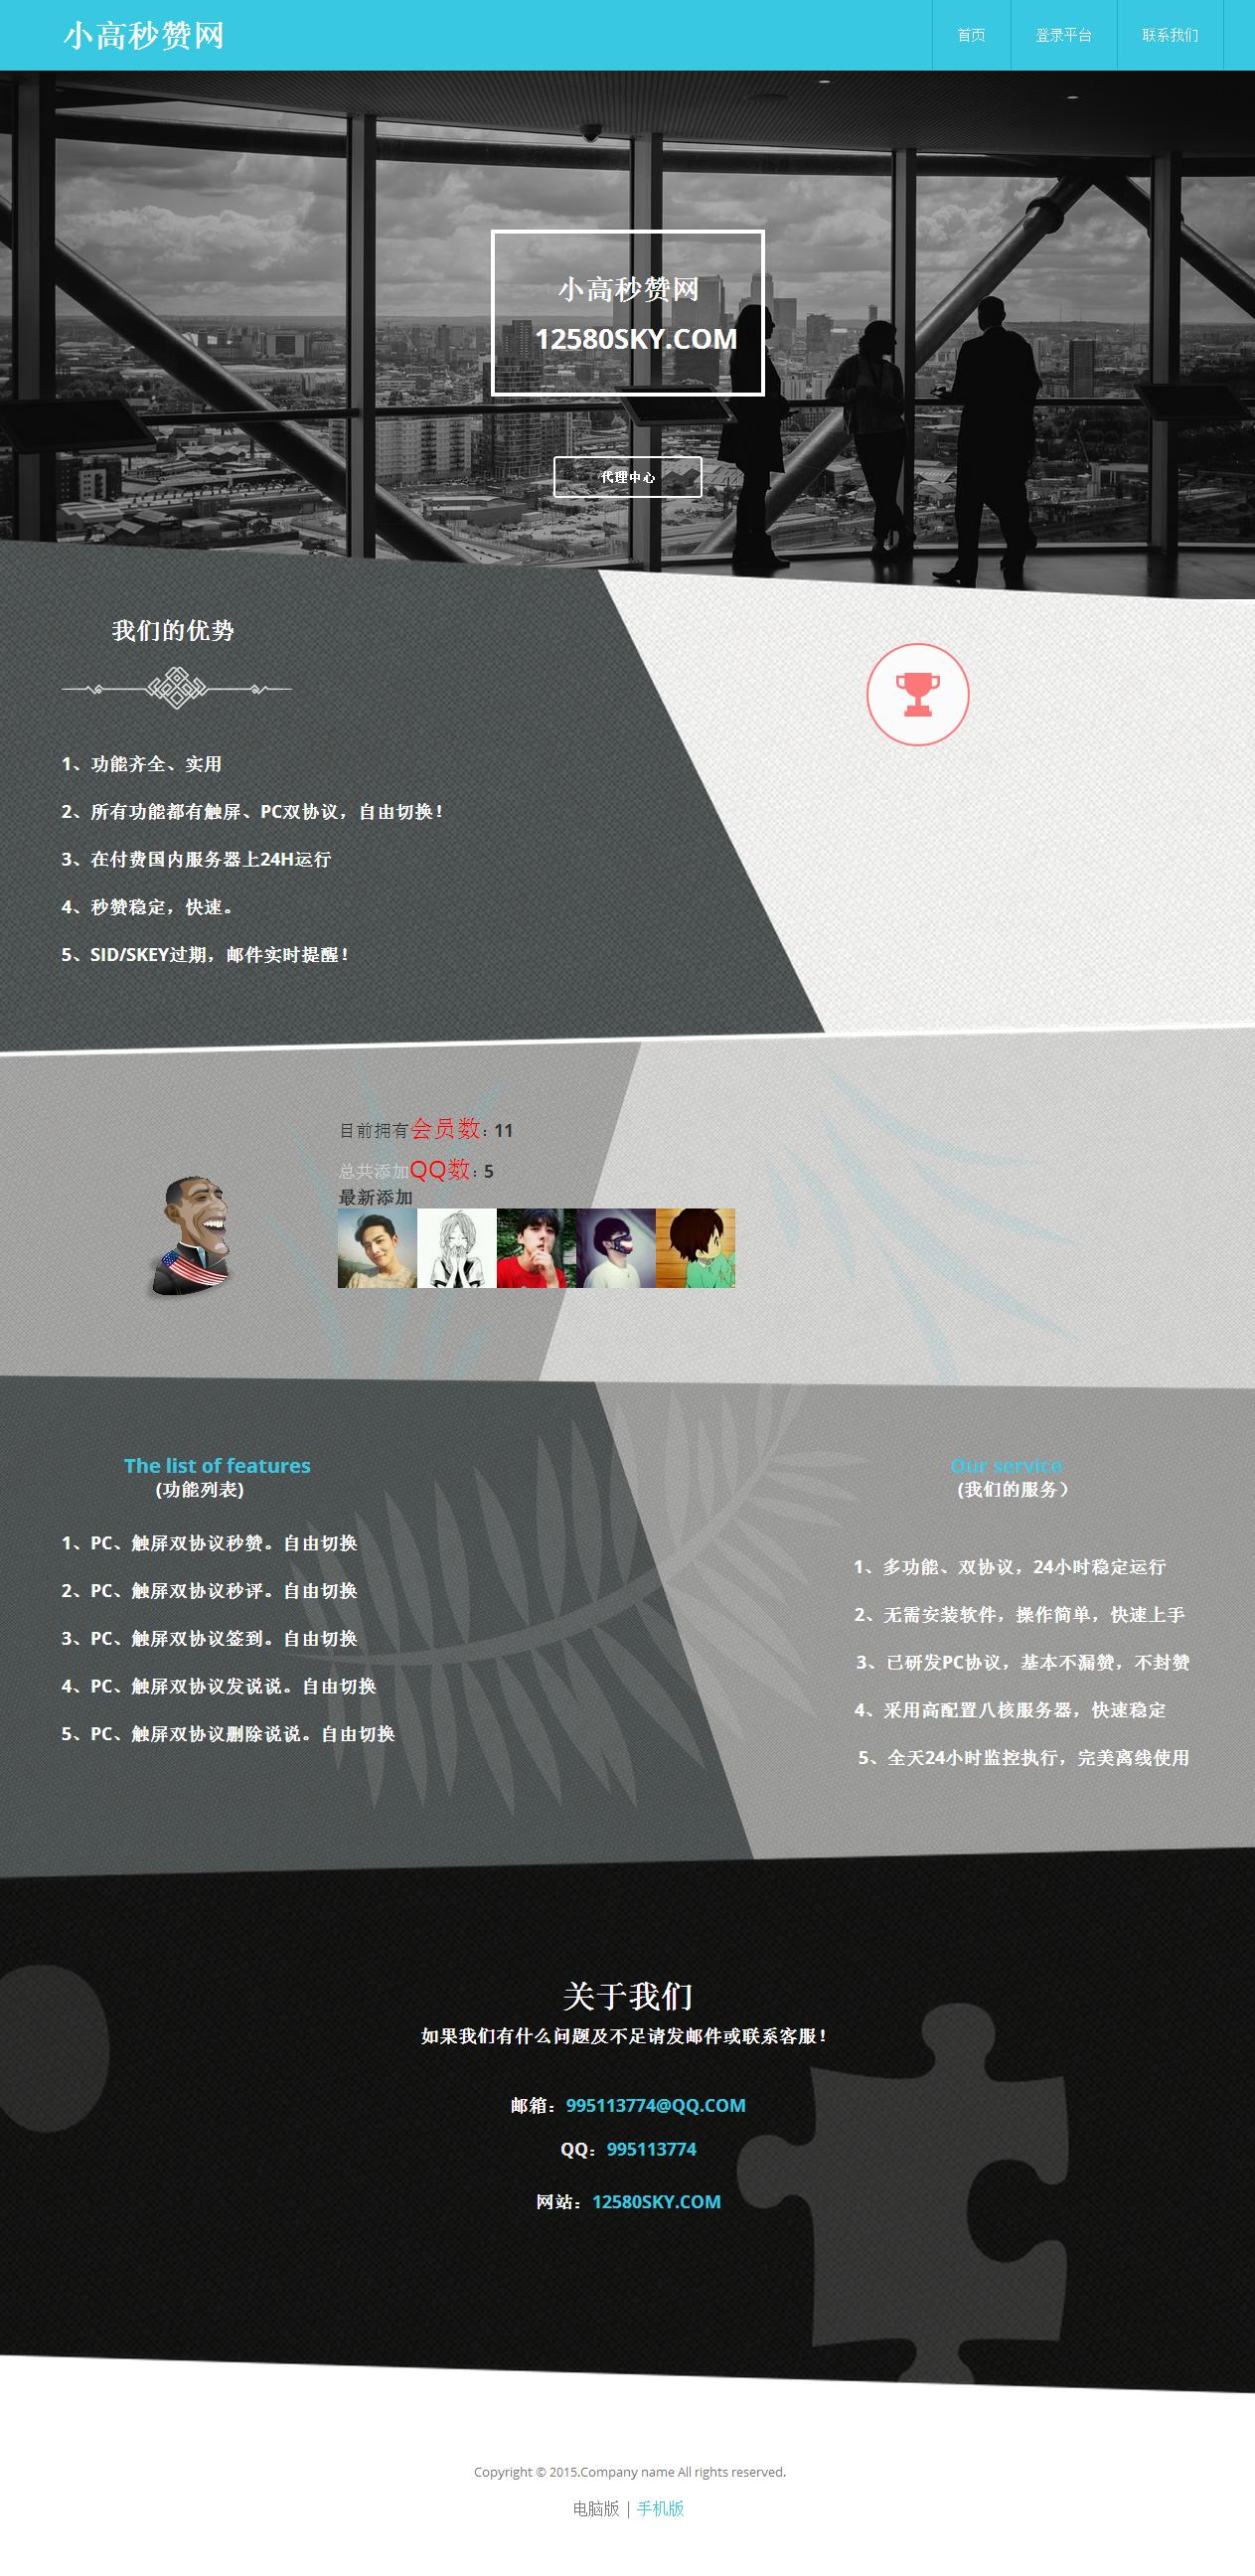 快乐是福1.8快乐秒赞源码1.76修改版增加圈圈赞功能-吾爱资源网